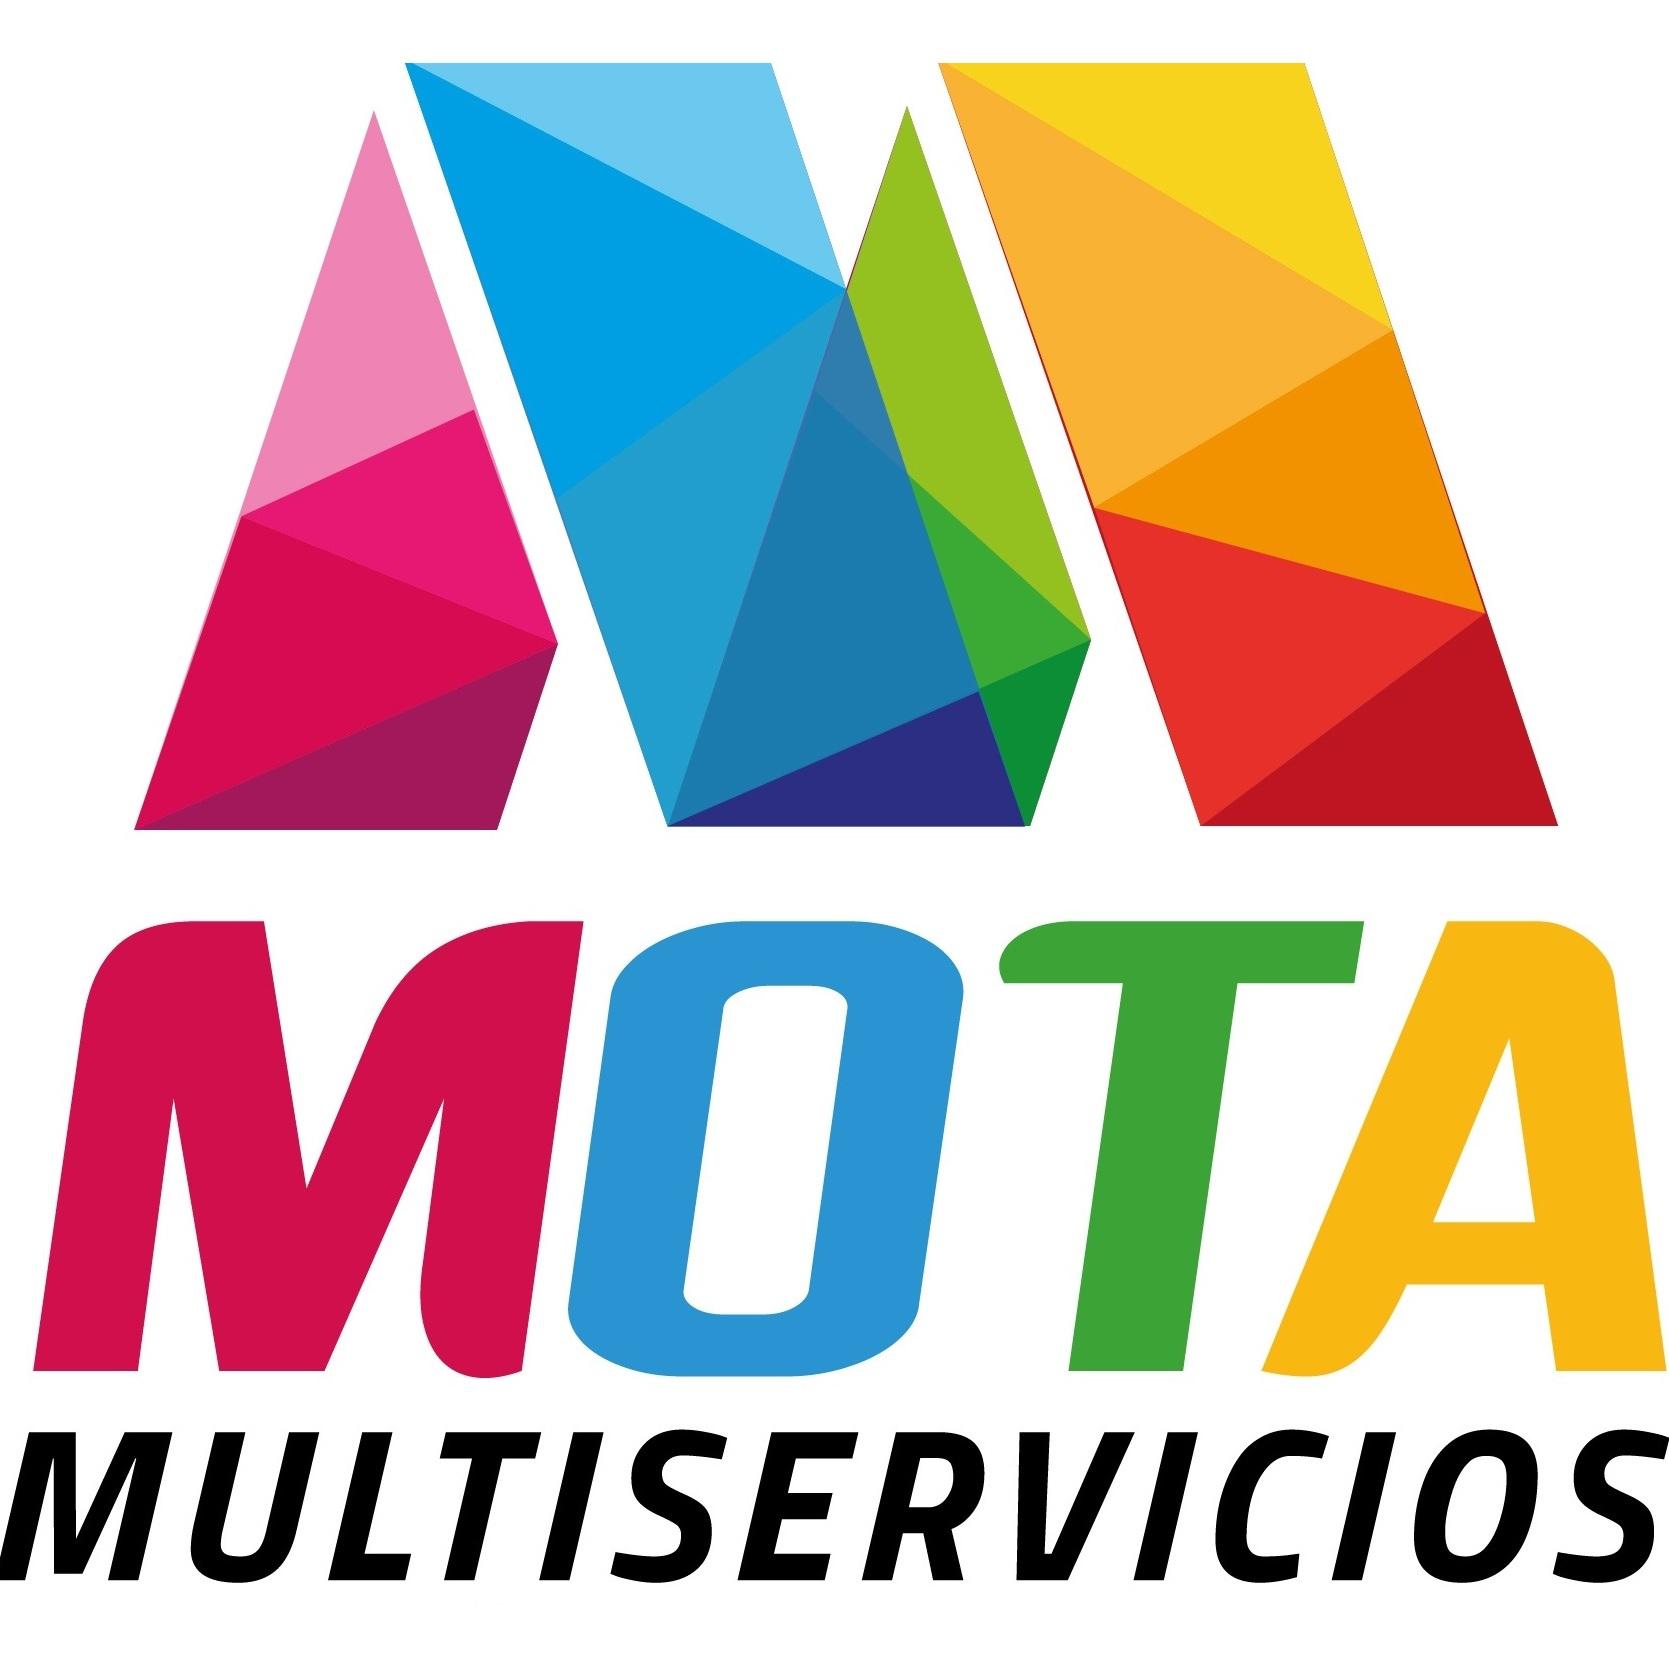 Multiservicios Mota